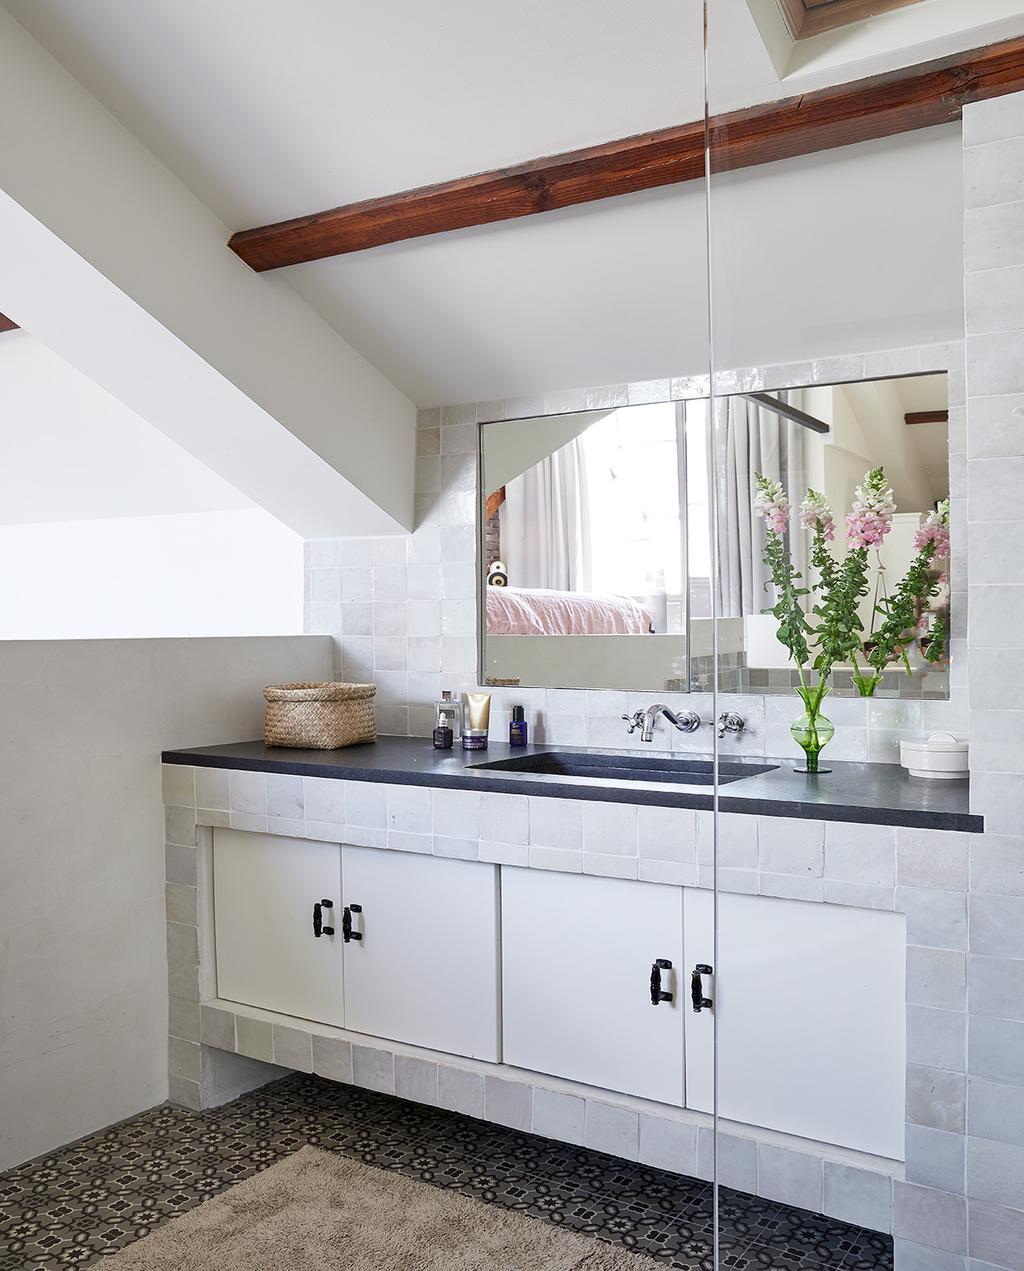 vtwonen 02-2021 | binnenkijken bij Martine, witte badkamer met spiegel en plant